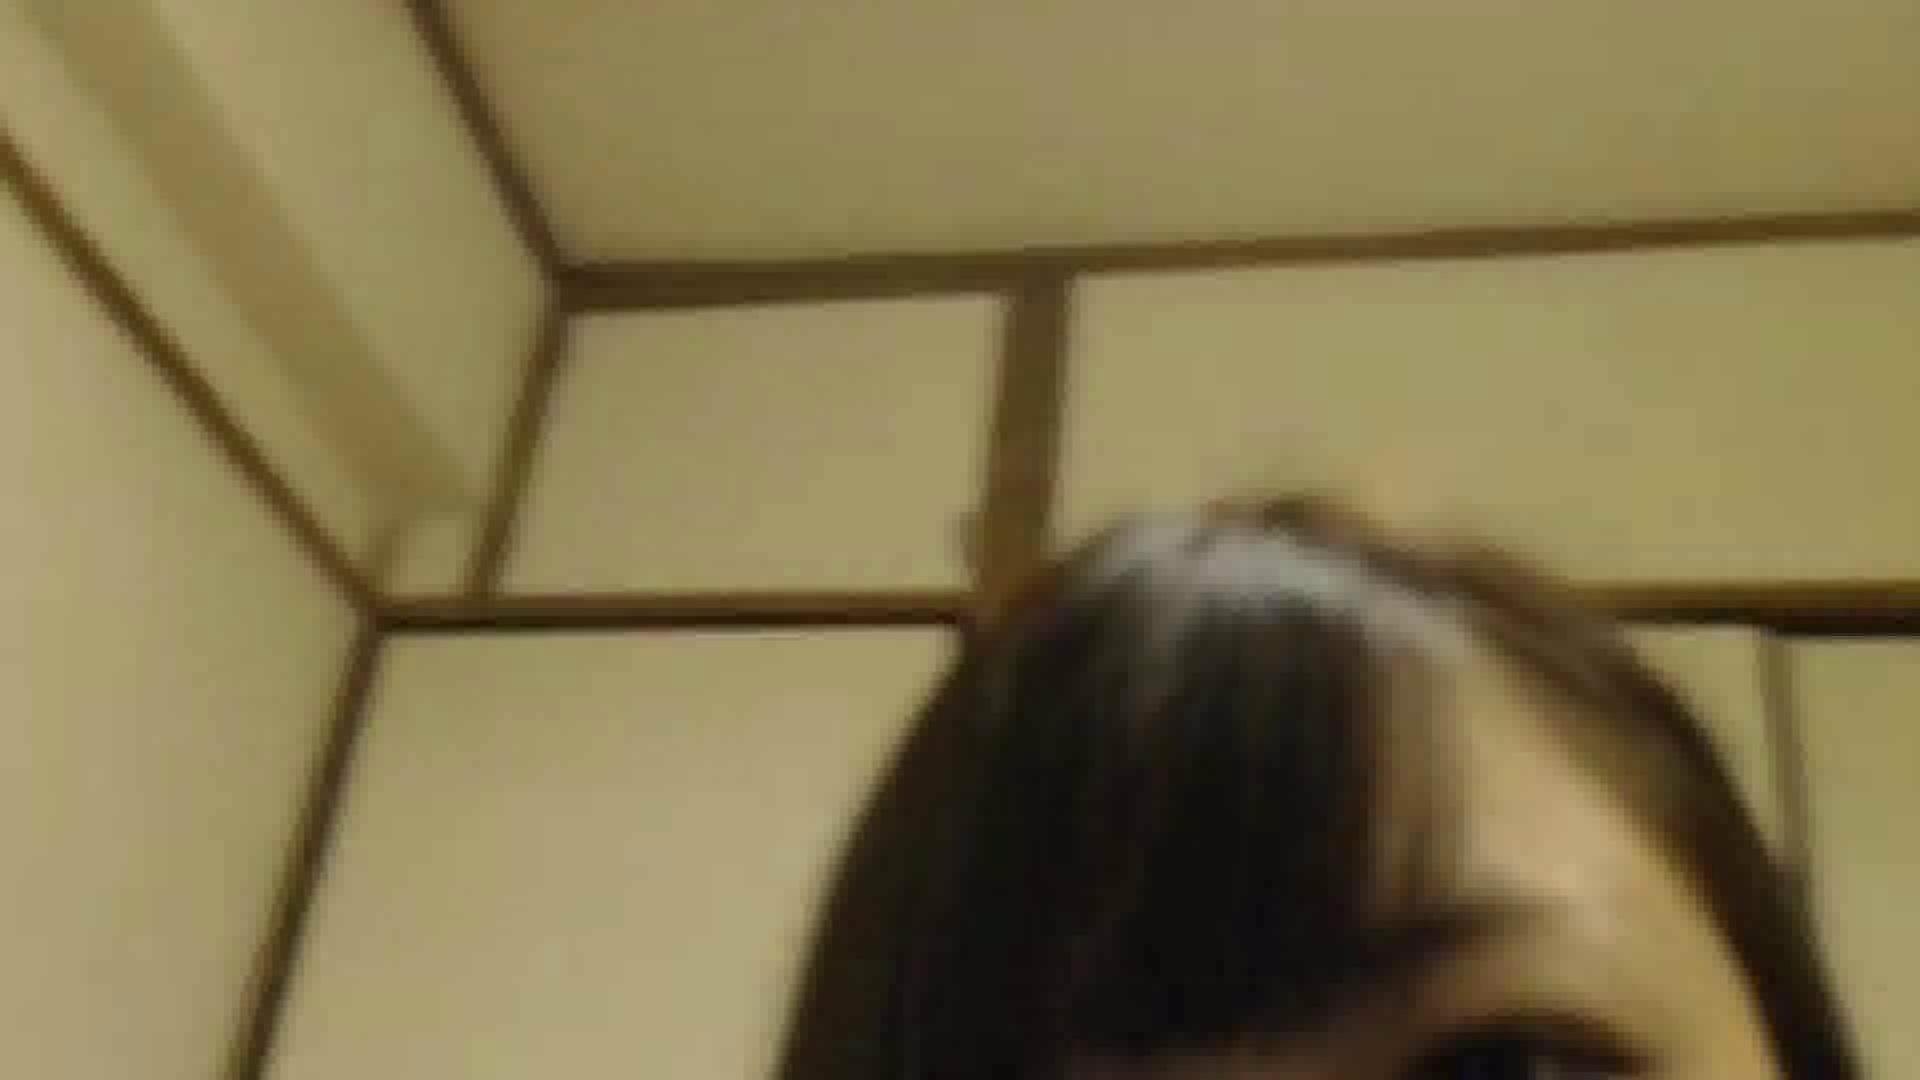 ギャルとハメハメ生チャット!Vol.21前編 SEX  92枚 20